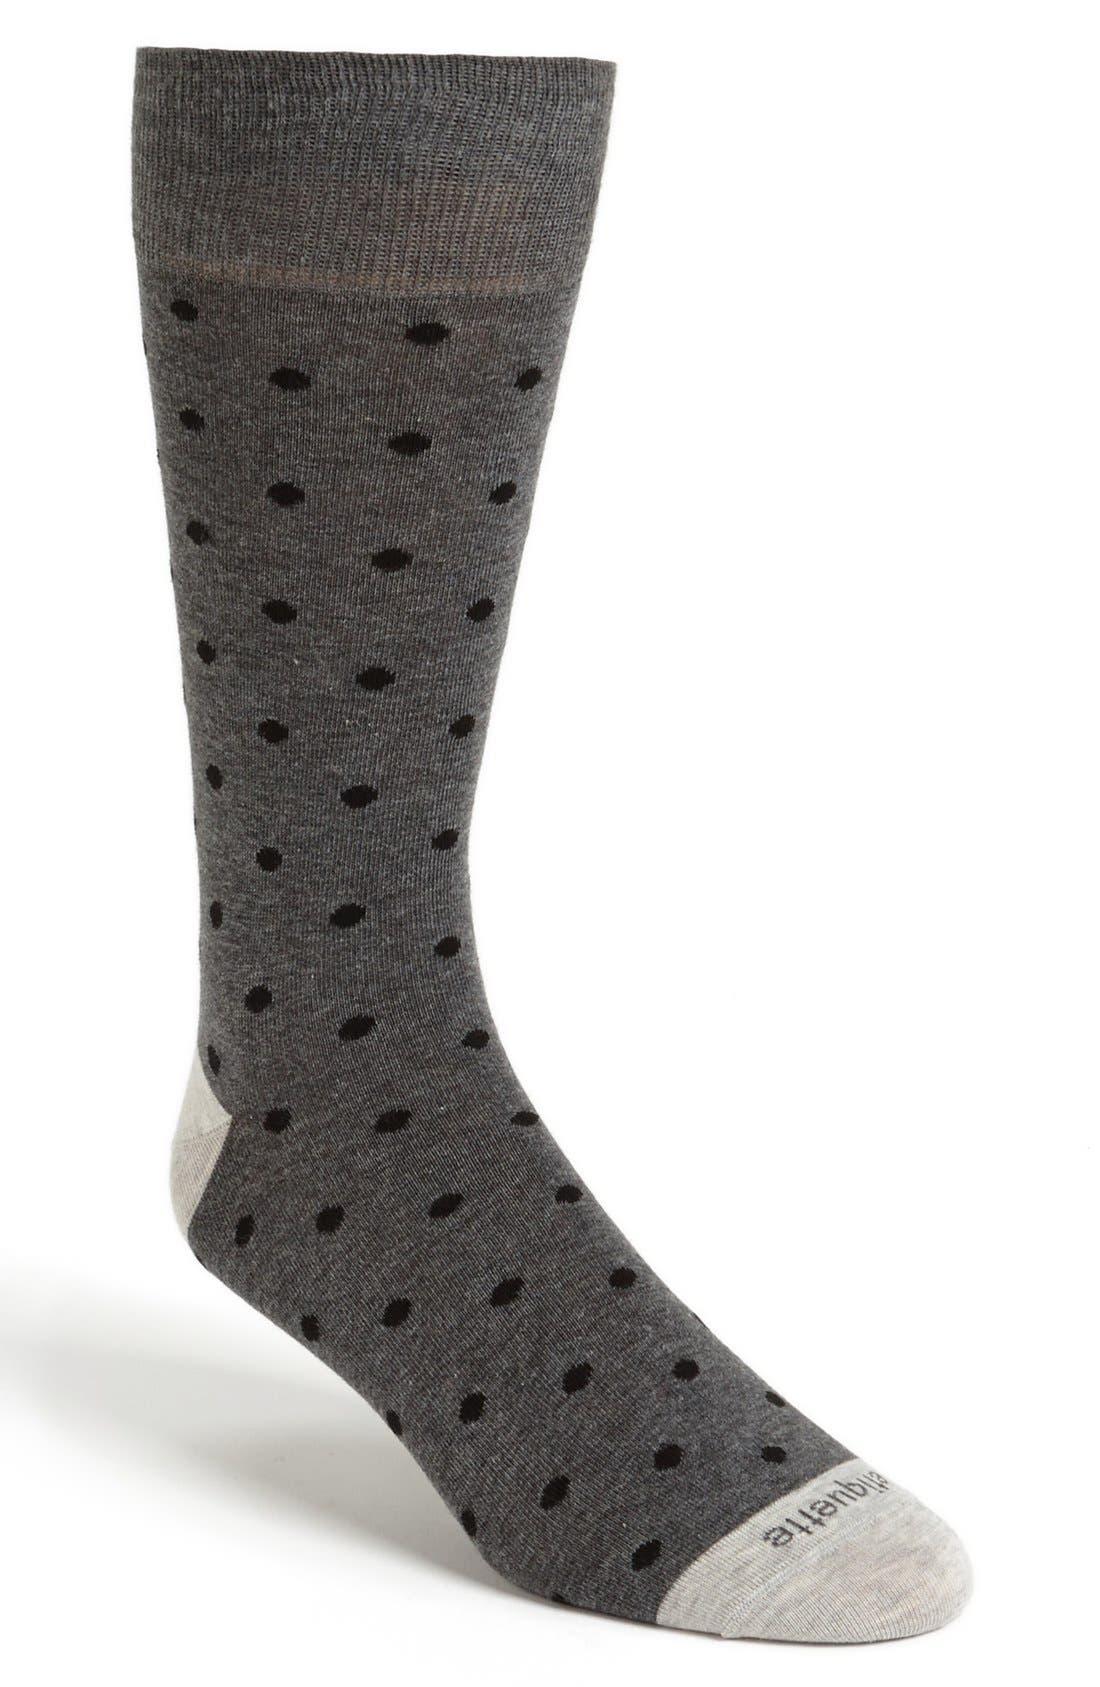 Main Image - Etiquette Clothiers Dot Socks